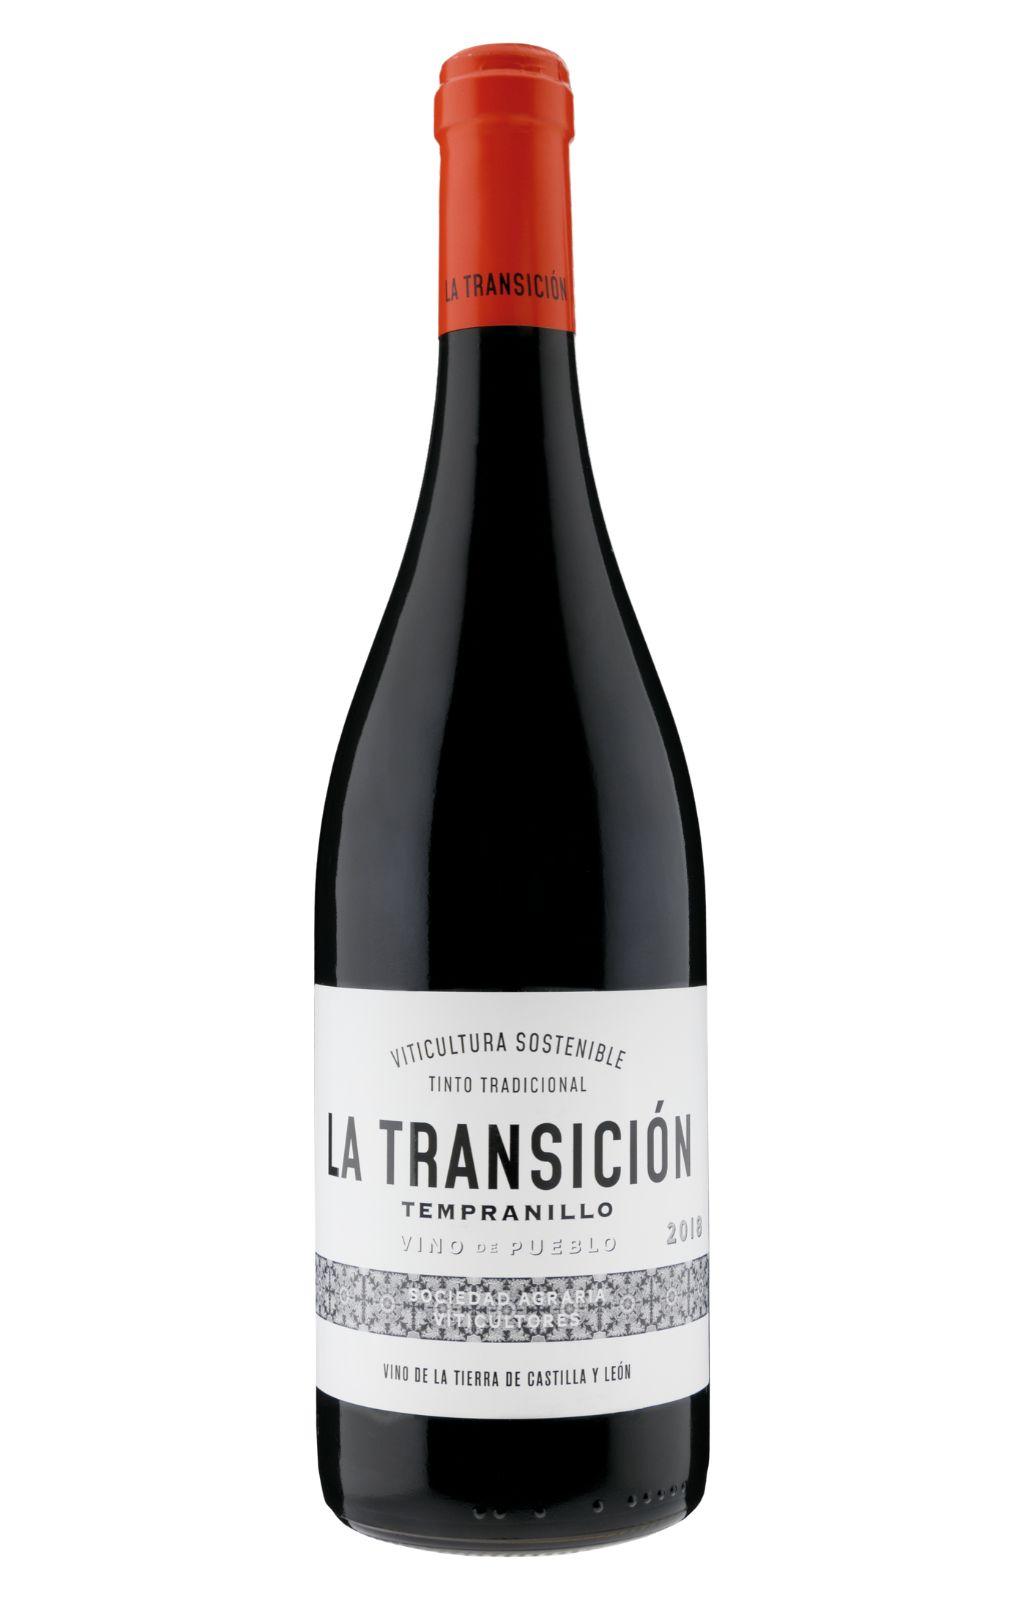 La Transición Tempranillo 2018